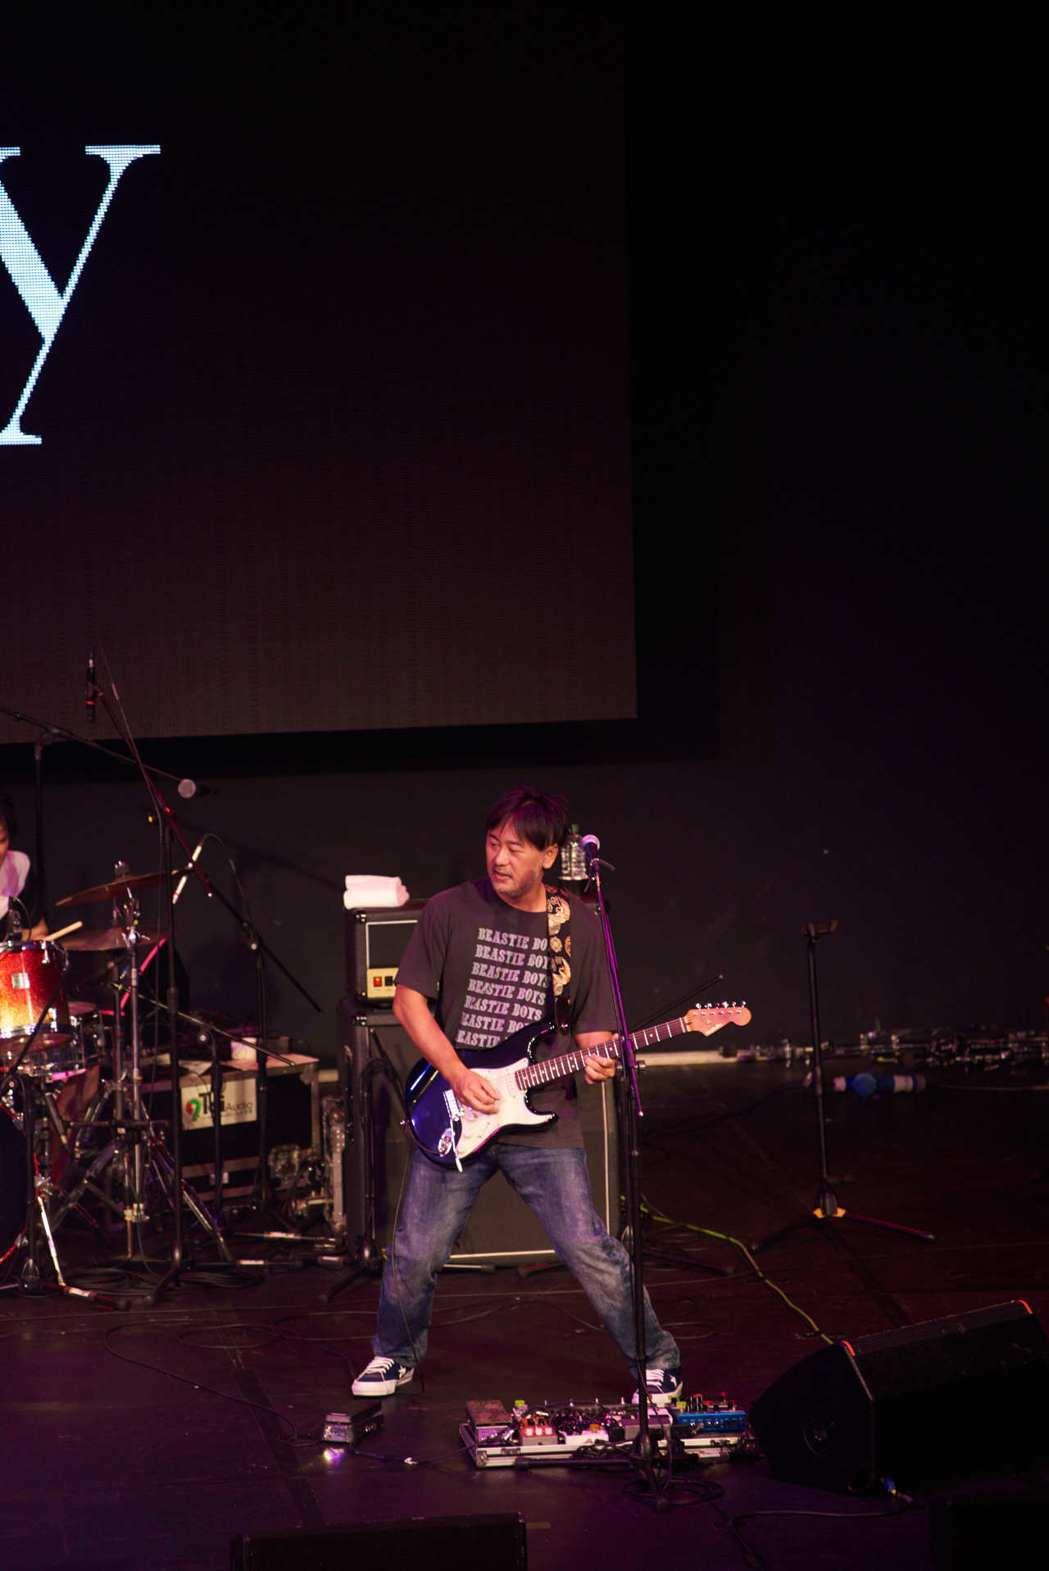 吉他手大渡亮熱愛台灣。圖/愛貝克思提供